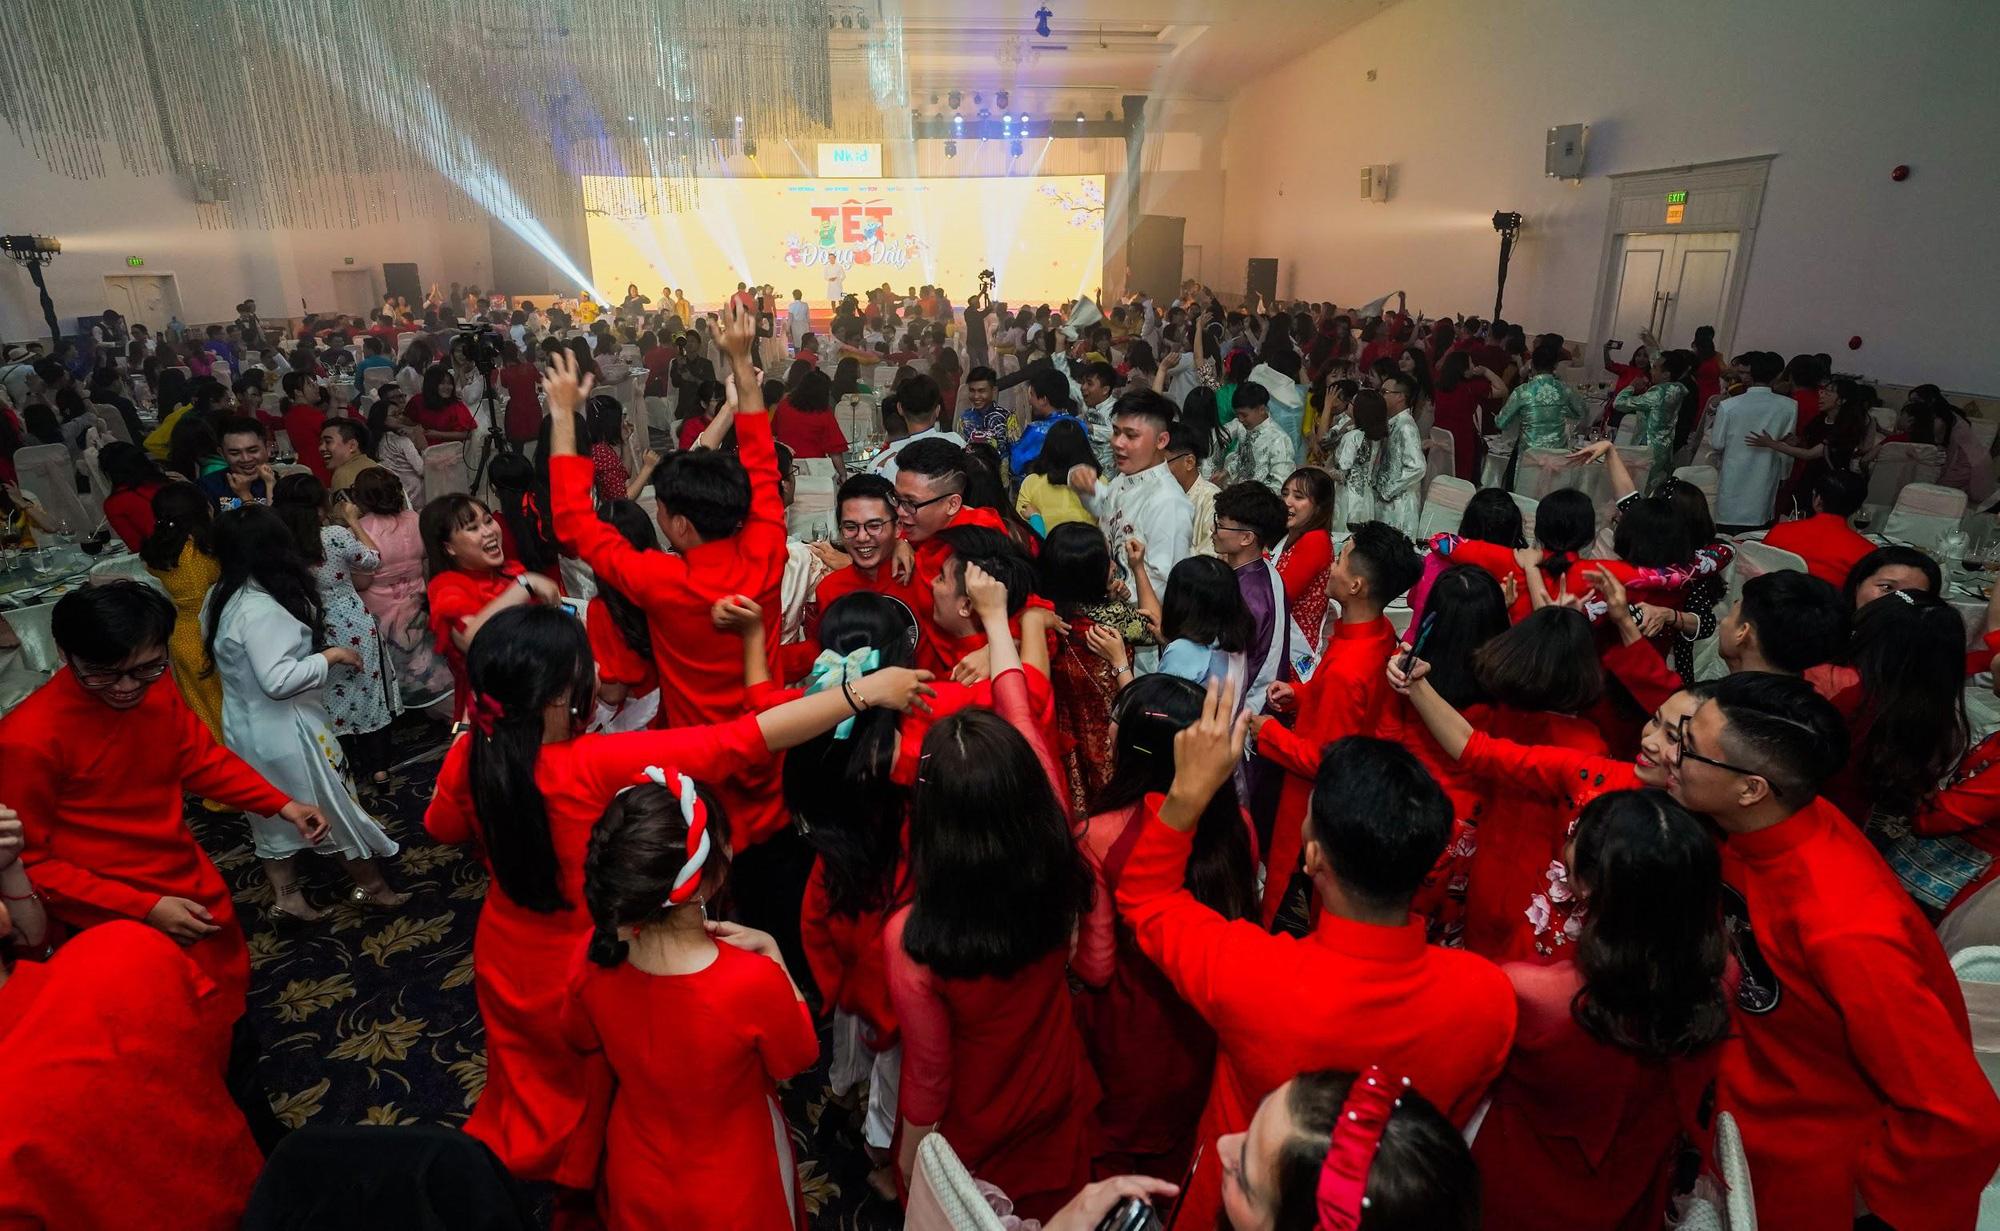 Công ty đúng chuẩn nhà người ta: 1500 nhân viên cả nam lẫn nữ đồng lòng mặc áo dài, bung xõa hết nấc trong tiệc tất niên - Ảnh 9.